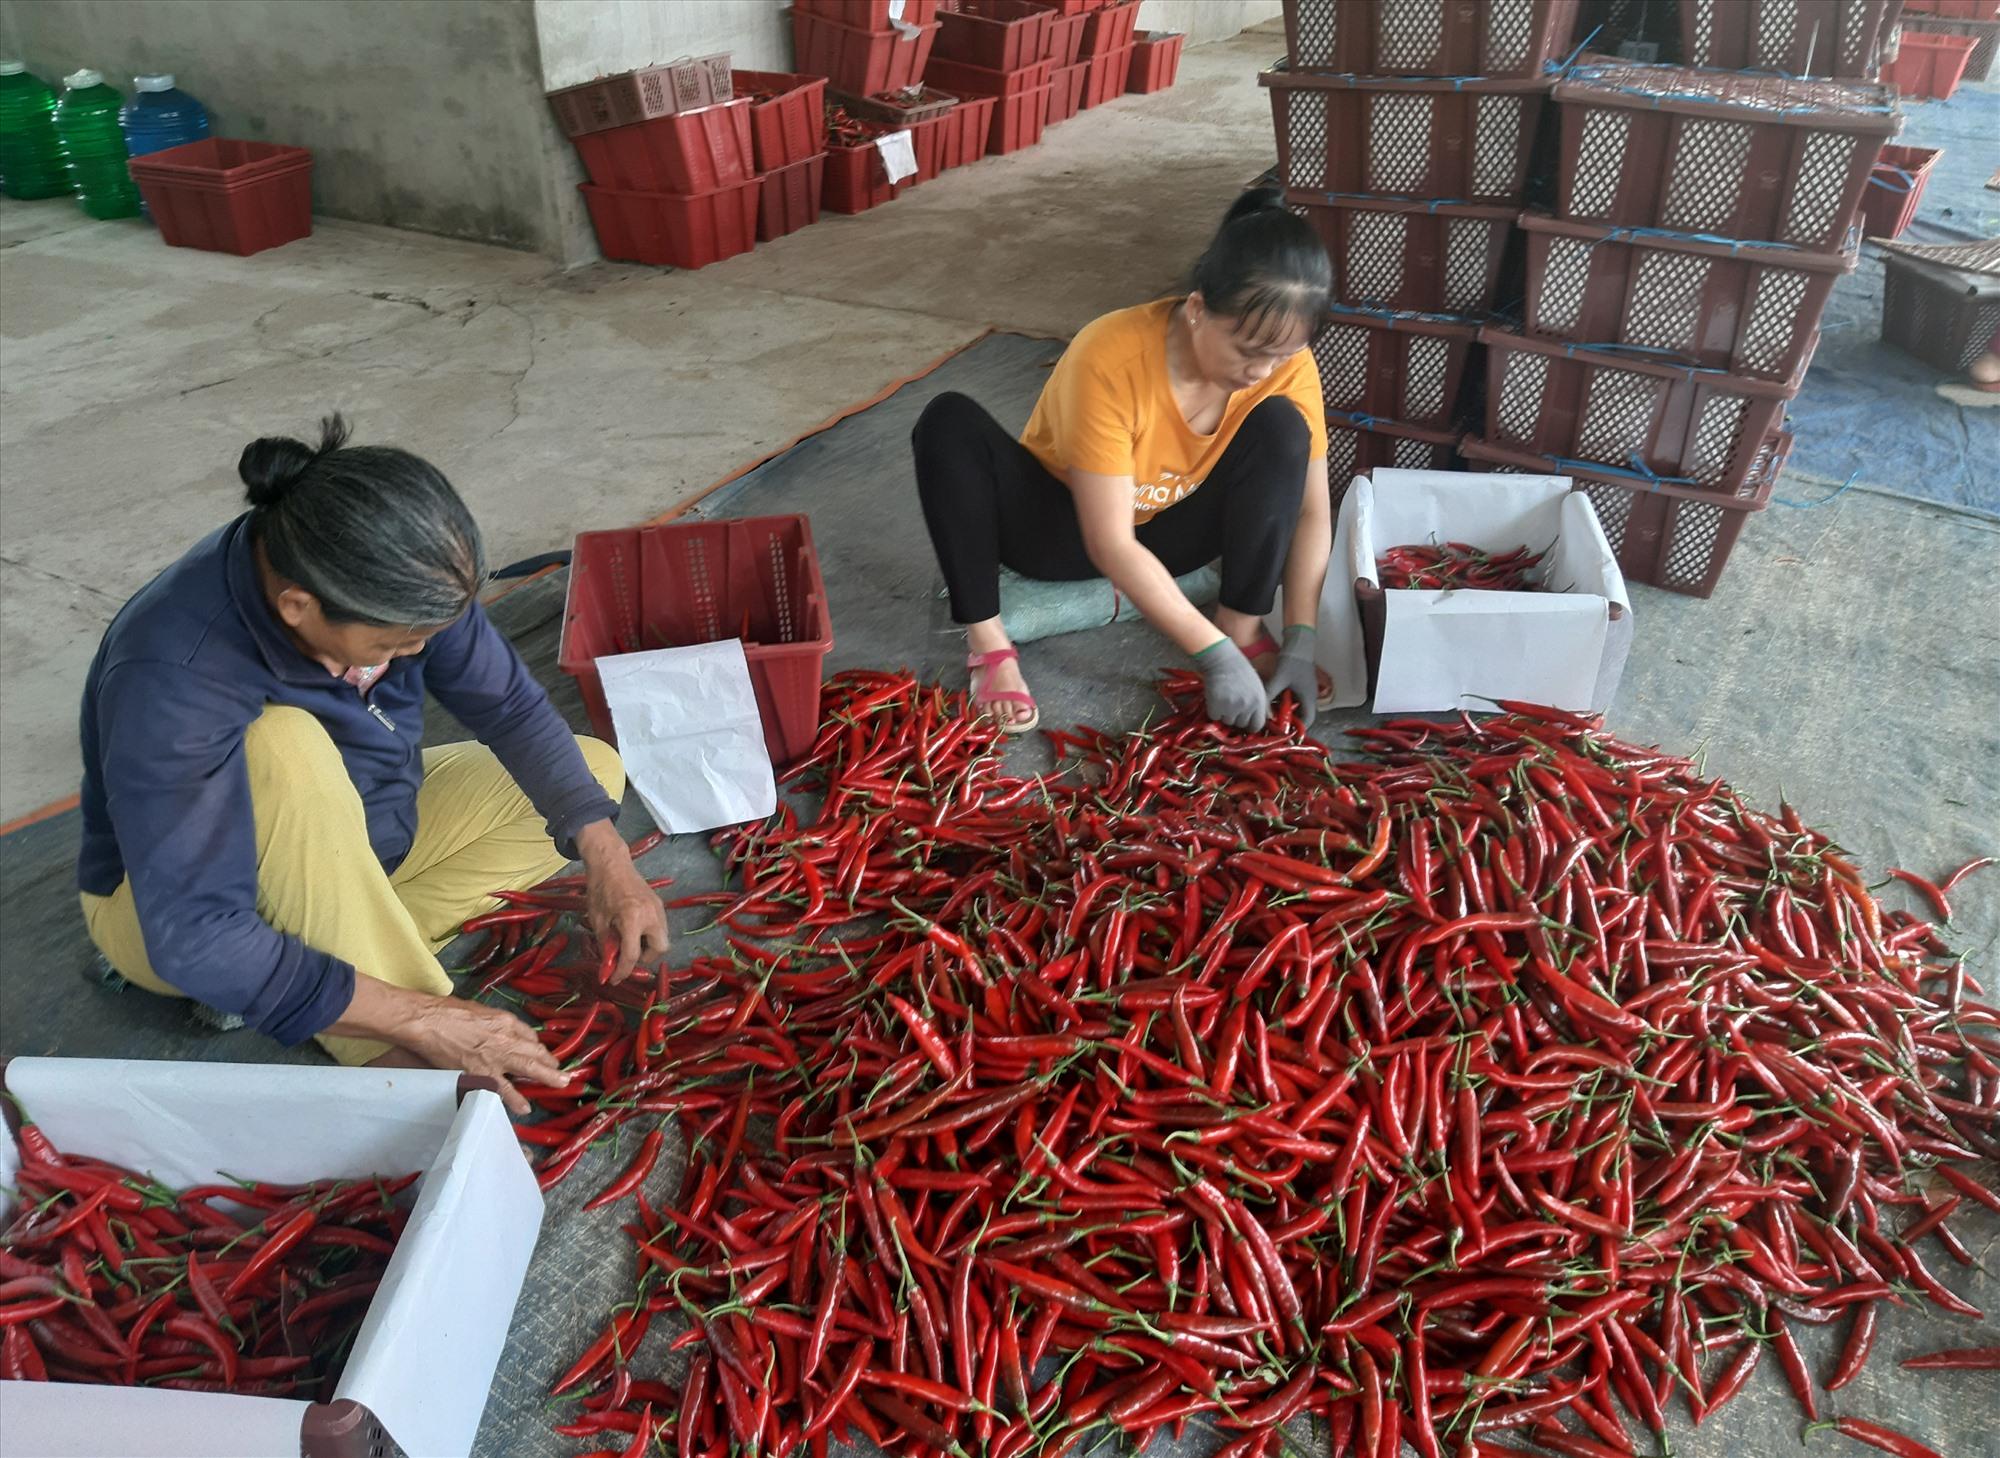 Nhiều sản phẩm của Quảng Nam có khả năng tham gia vào chuỗi cung ứng cho TP.Hà Nội.    Ảnh: N.P